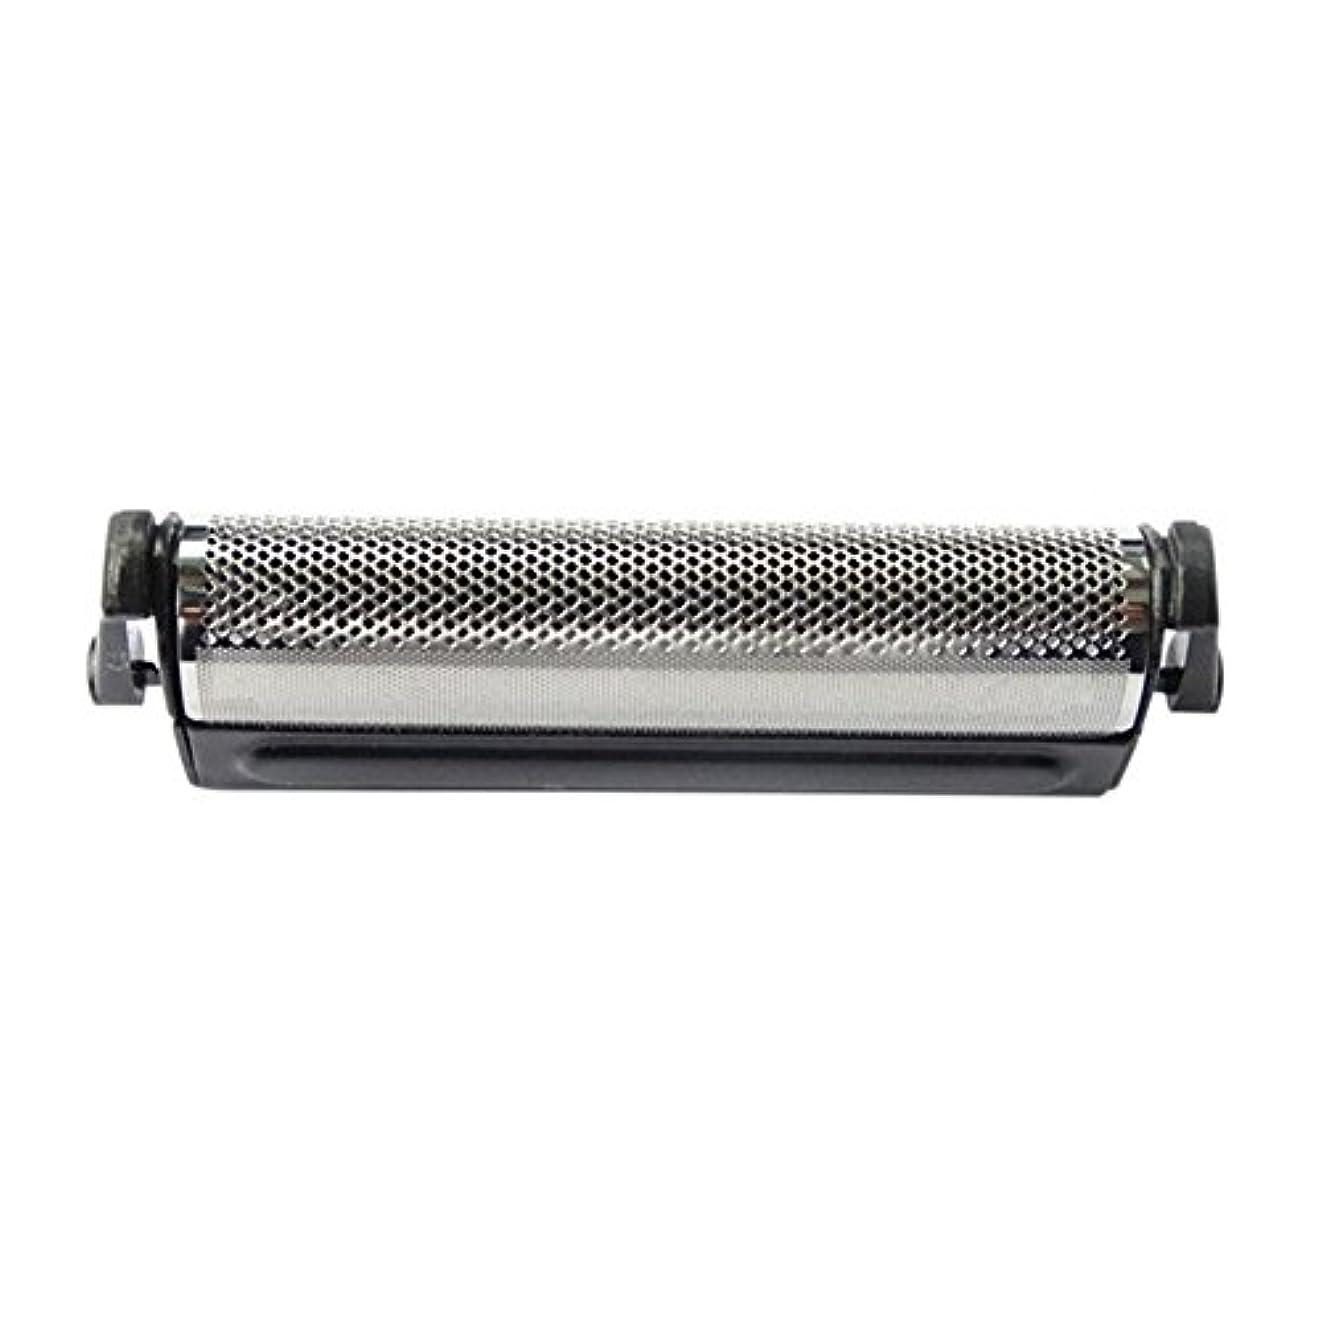 青大洪水ところでHZjundasi シェーバー剃刀 Outer ホイル for Panasonic ES518/RC20/5821/5801 ES9933C